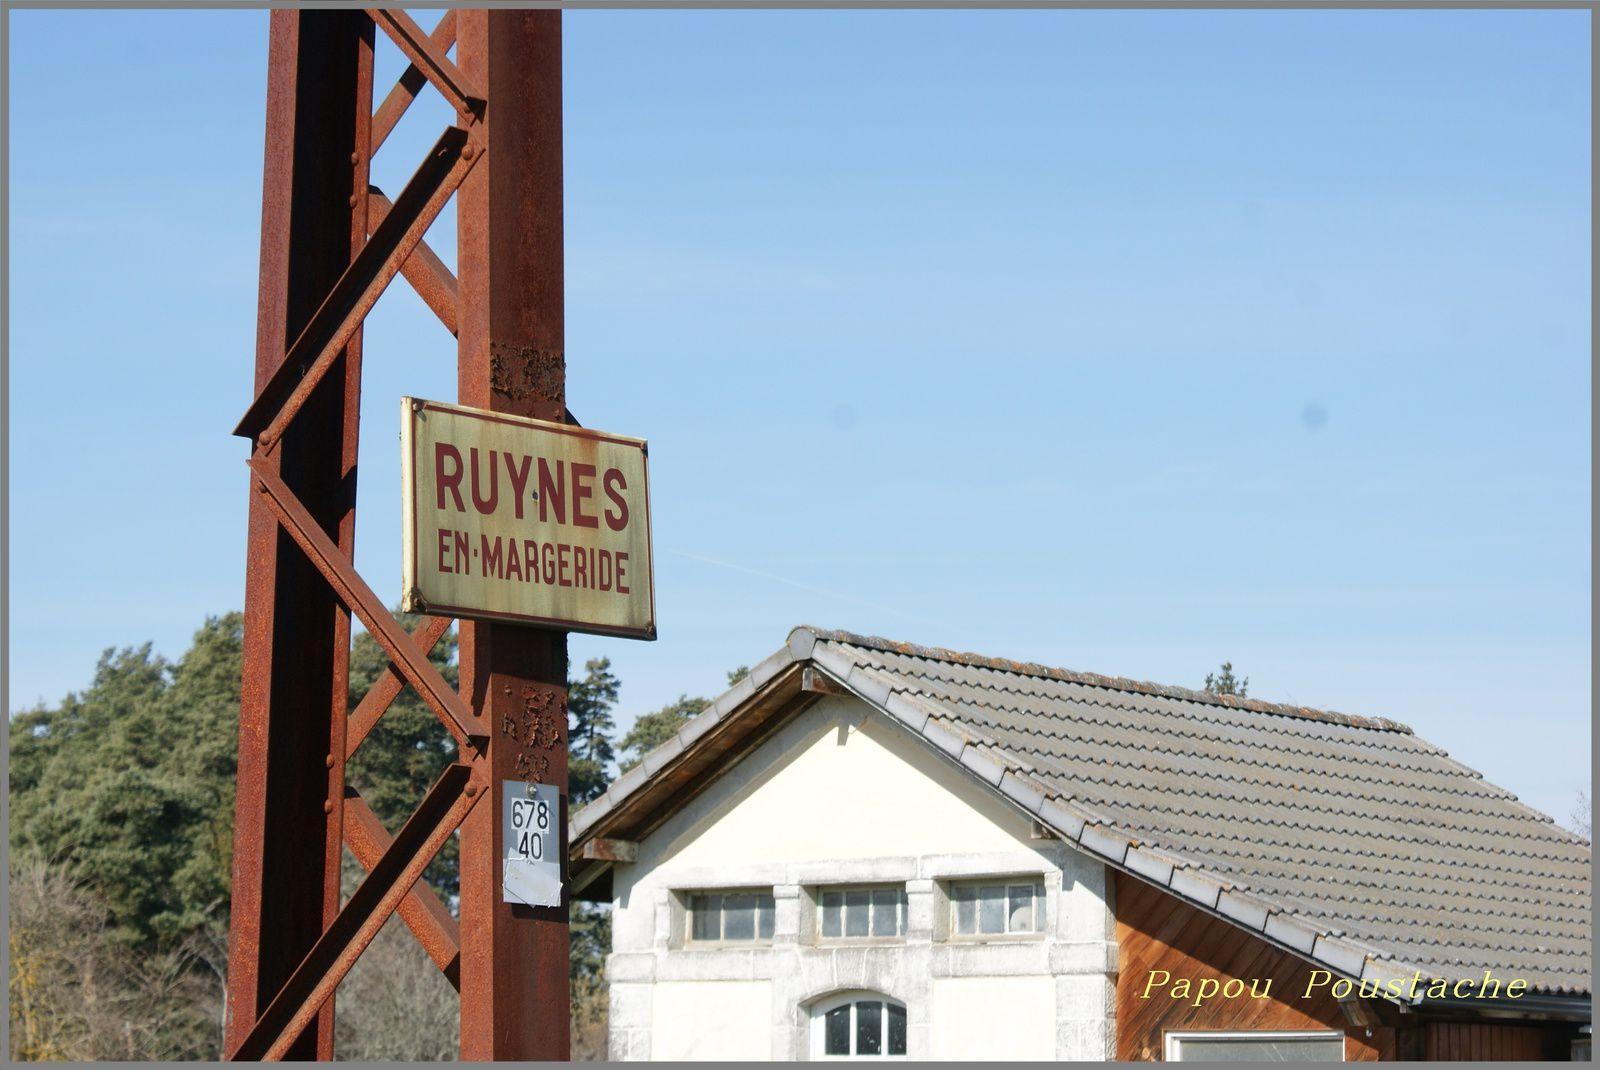 La gare de Ruynes en Margeride